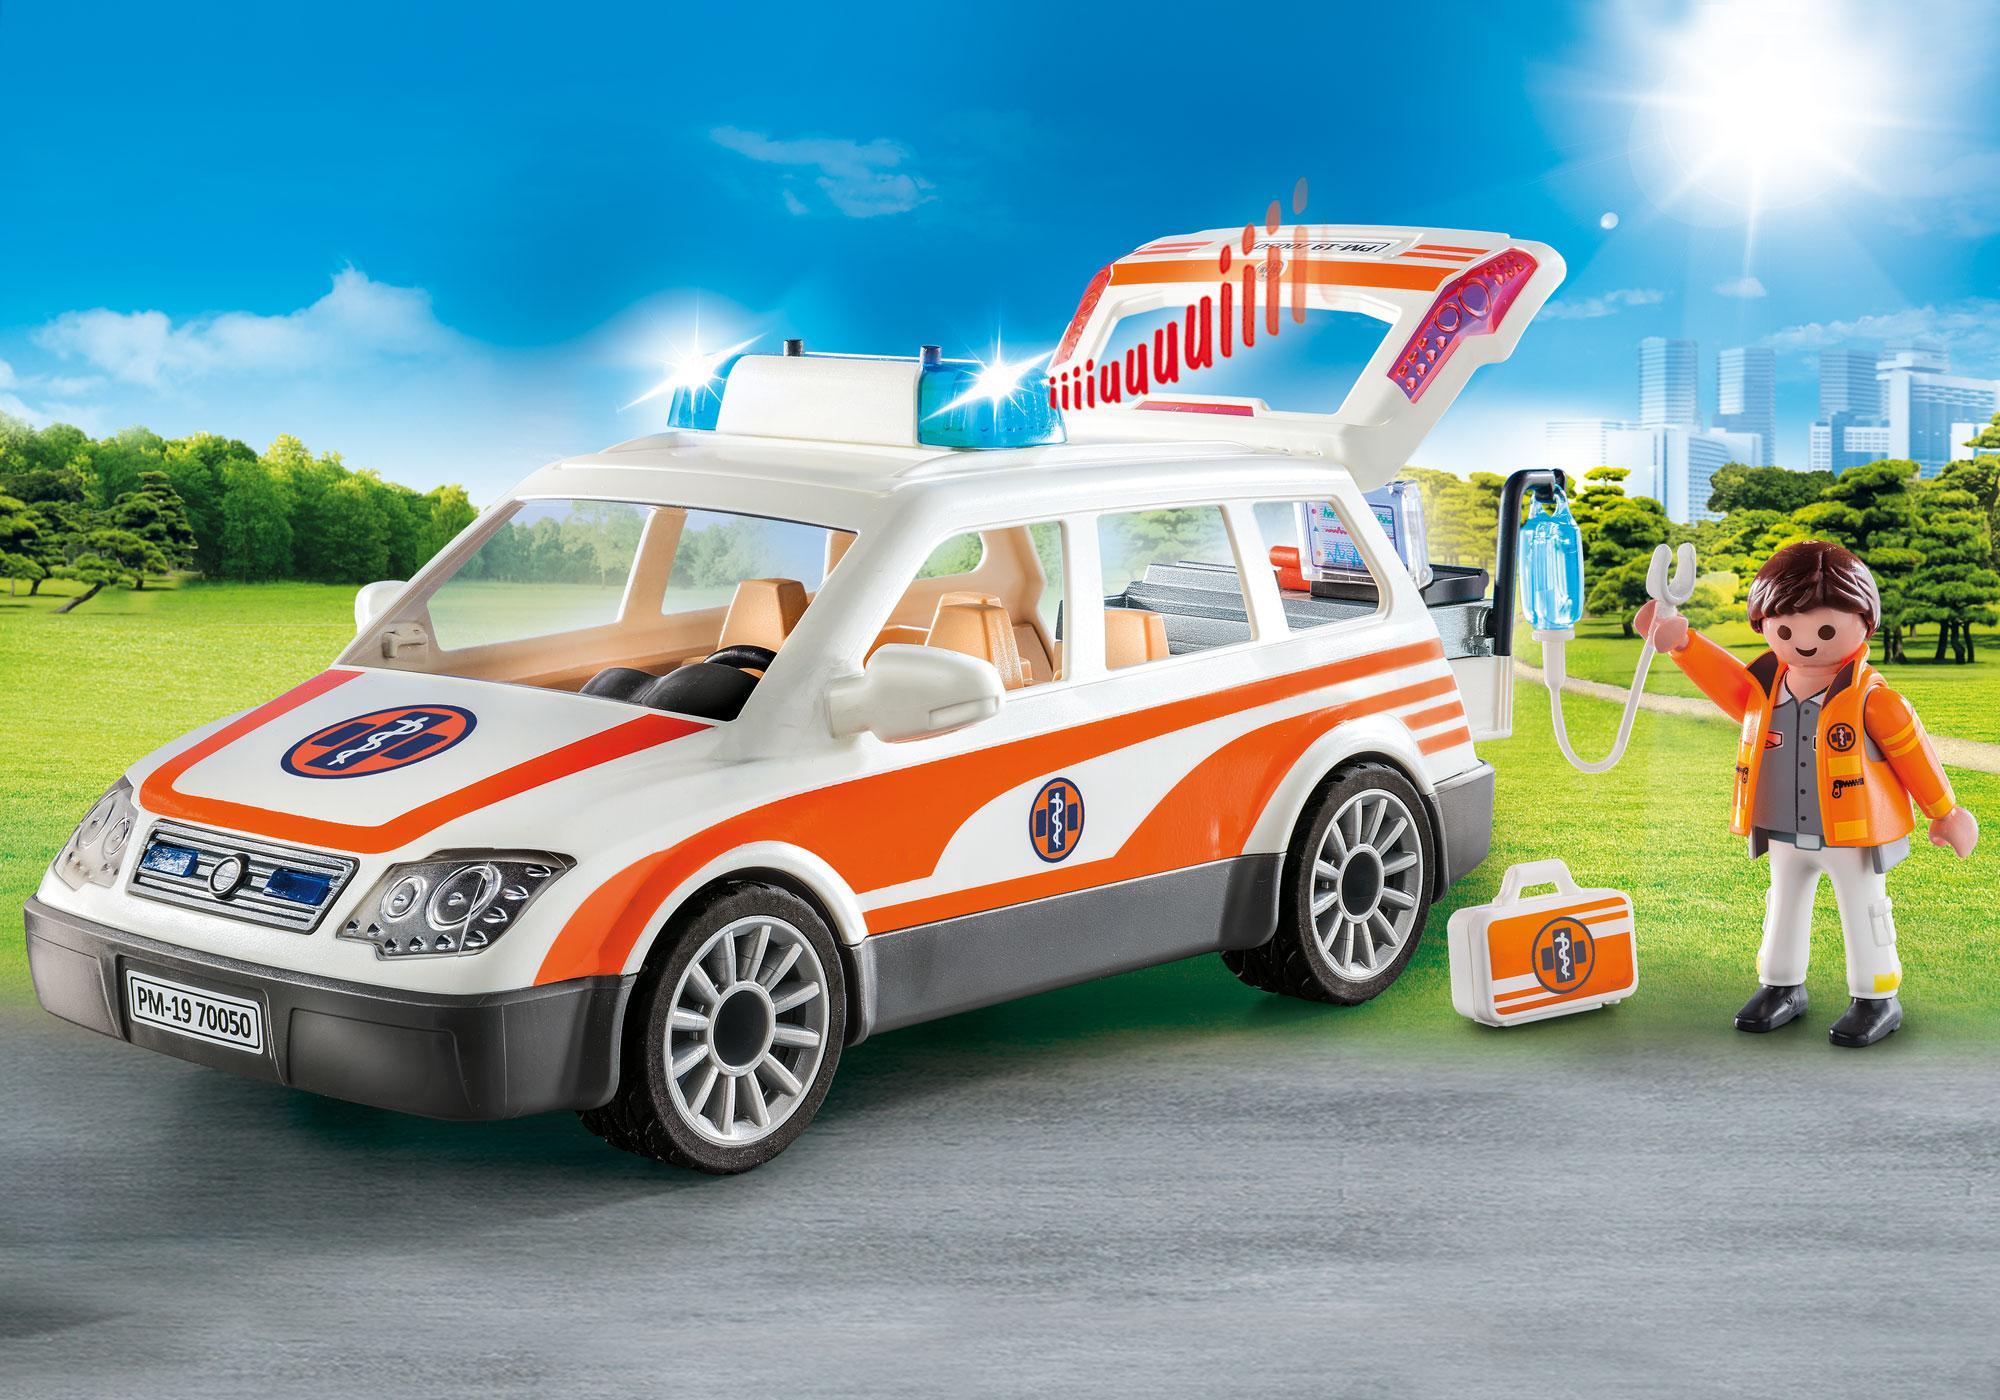 http://media.playmobil.com/i/playmobil/70050_product_detail/Redningsbil med sirene